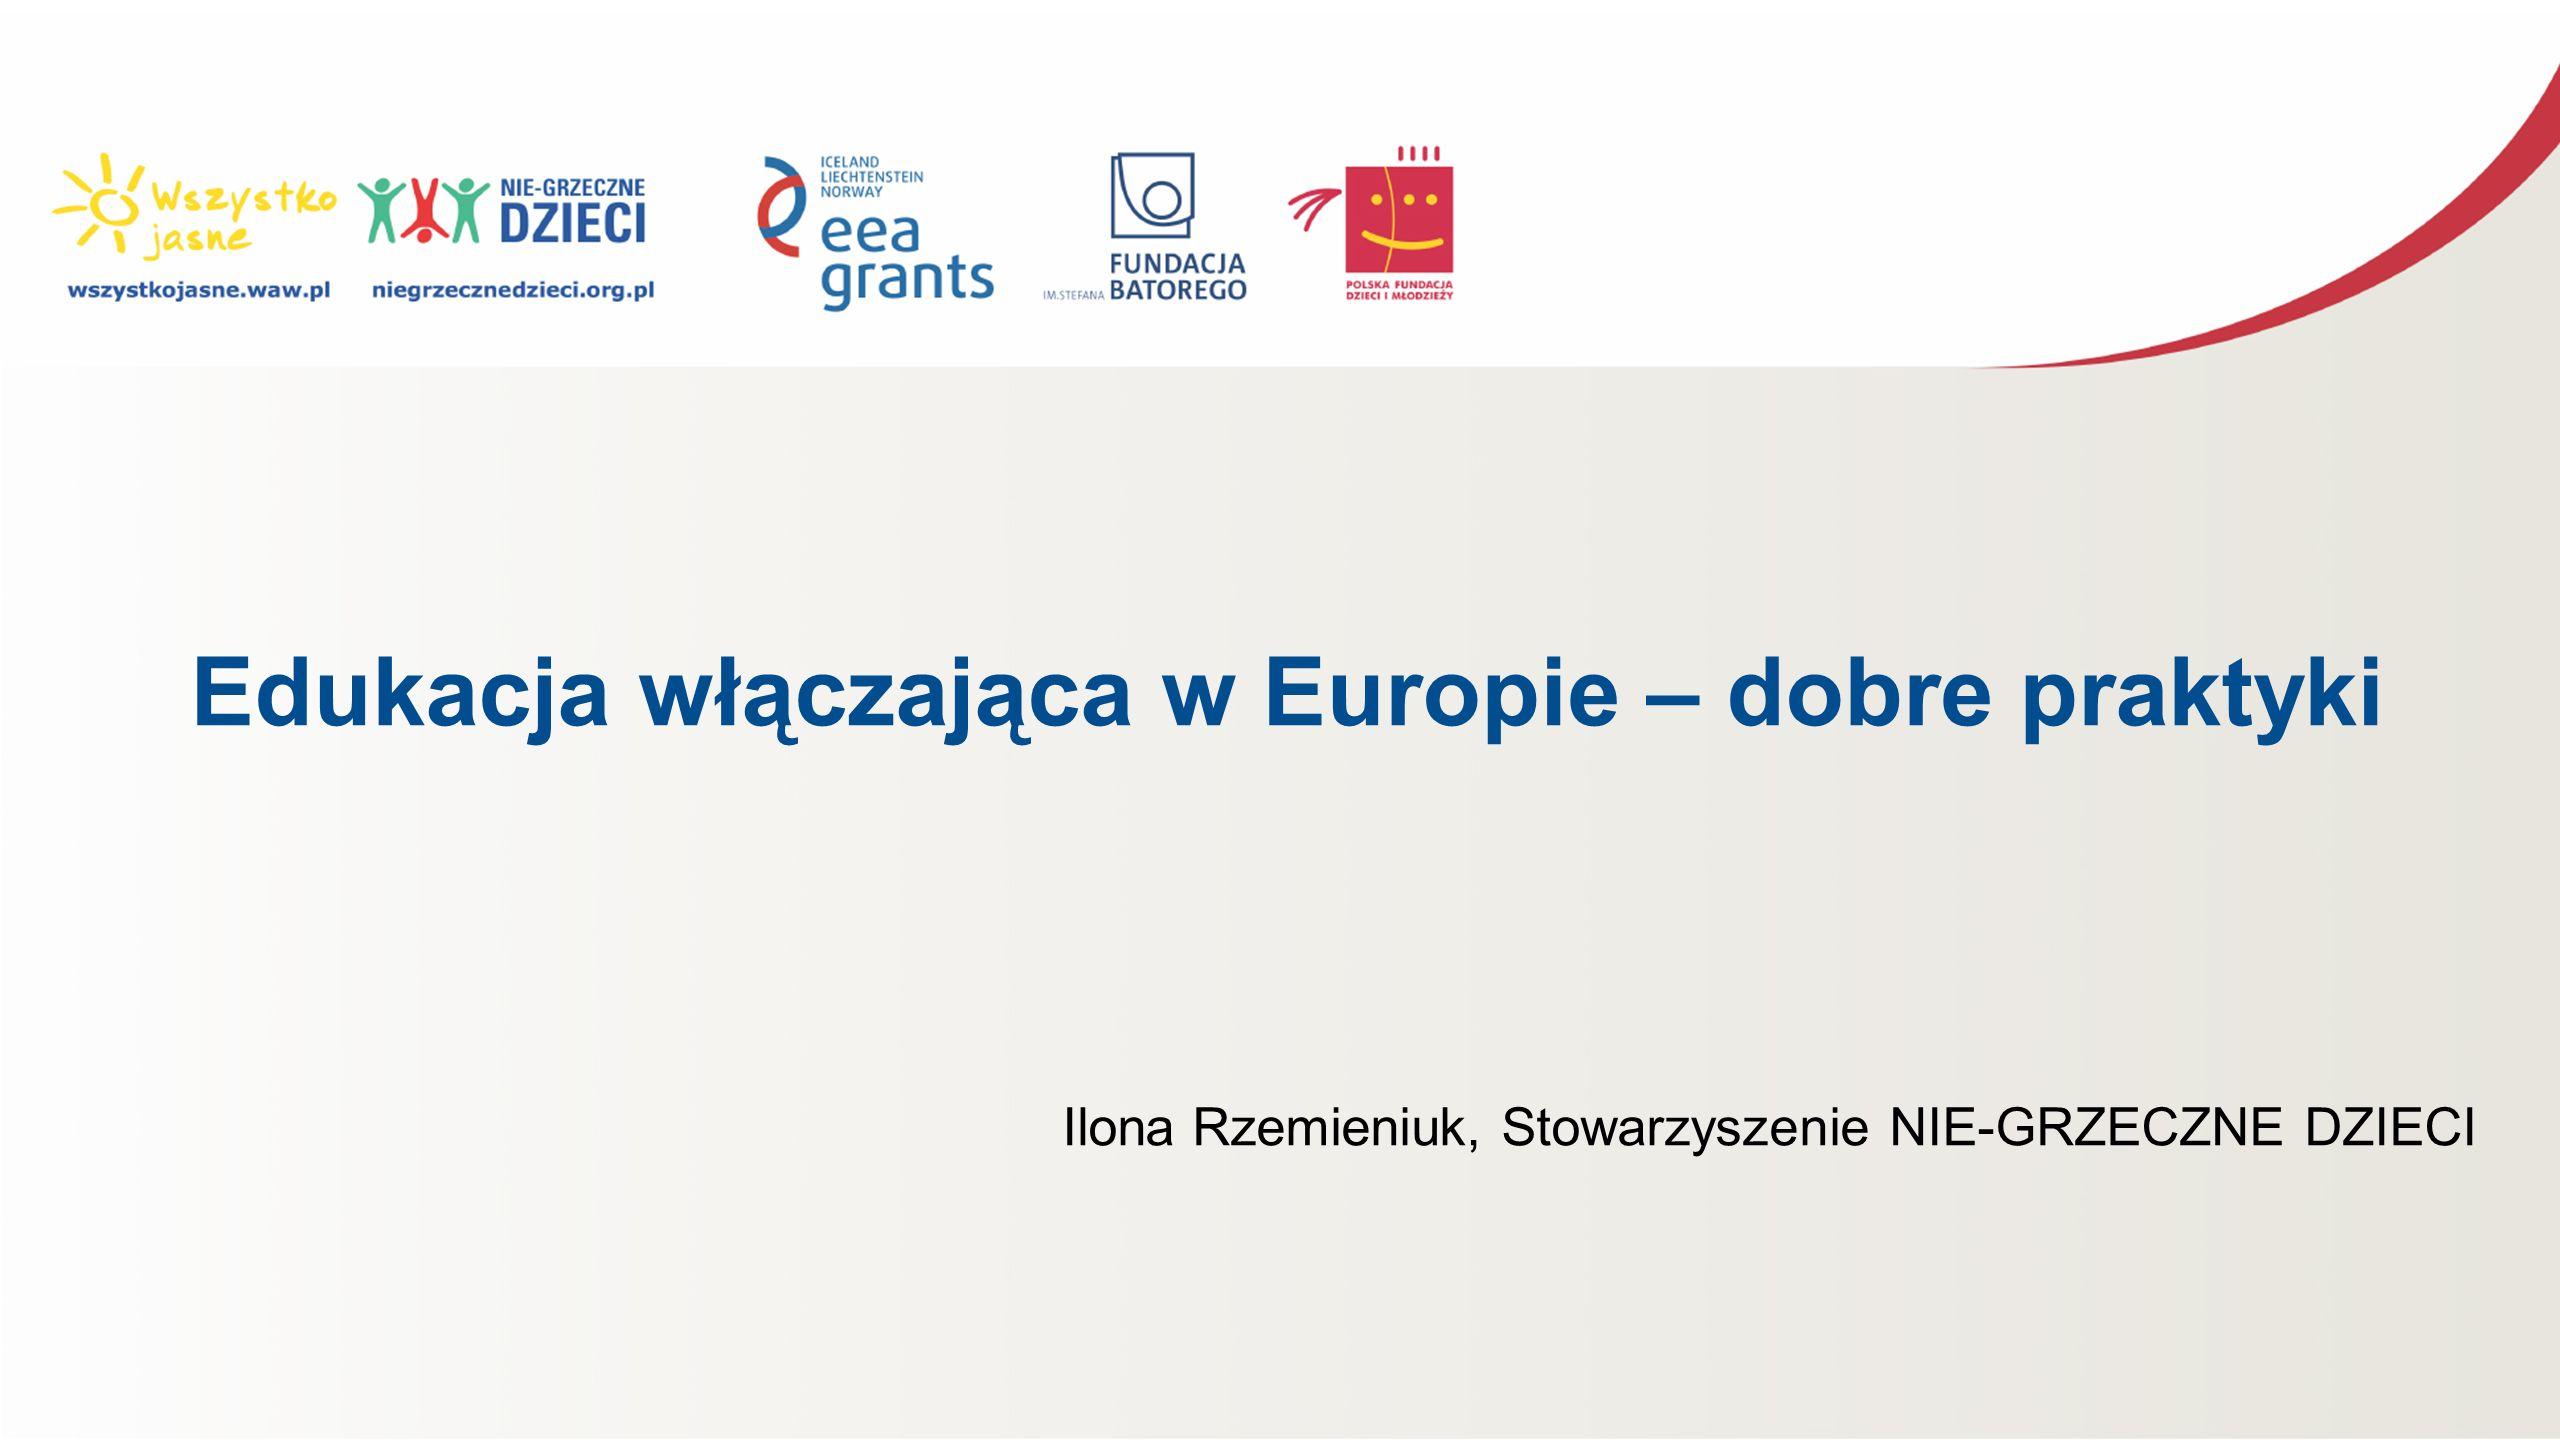 Edukacja włączająca w Europie – dobre praktyki Ilona Rzemieniuk, Stowarzyszenie NIE-GRZECZNE DZIECI